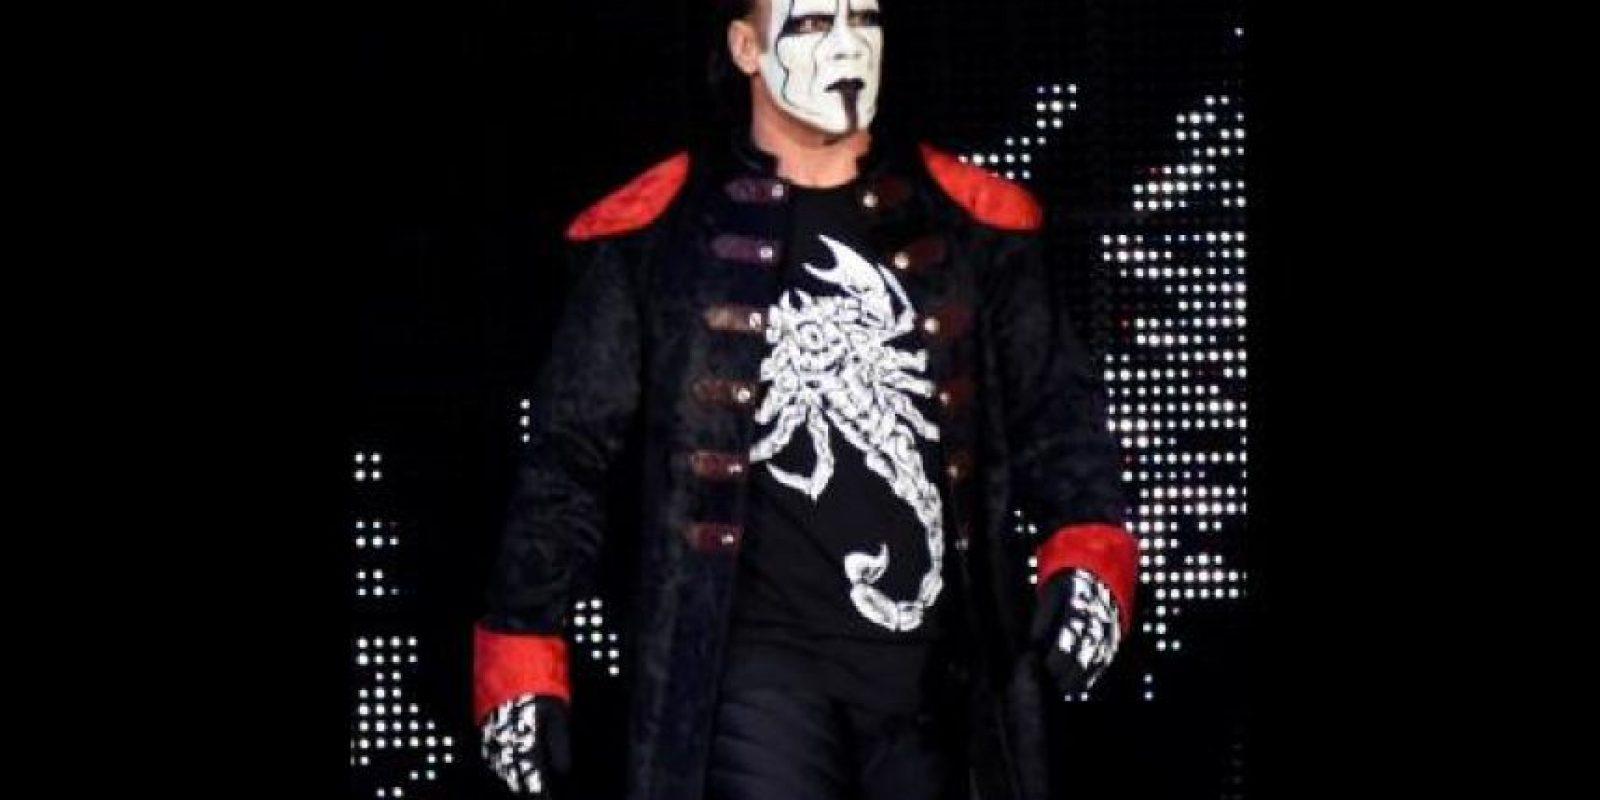 Fue una de las grandes figuras de la WCW, y aunque varias veces estuvo cerca de firmar con la WWE, fue hasta 2014 que se integró a la compañía, aunque una lesión lo tiene alejado del ring. Foto:WWE